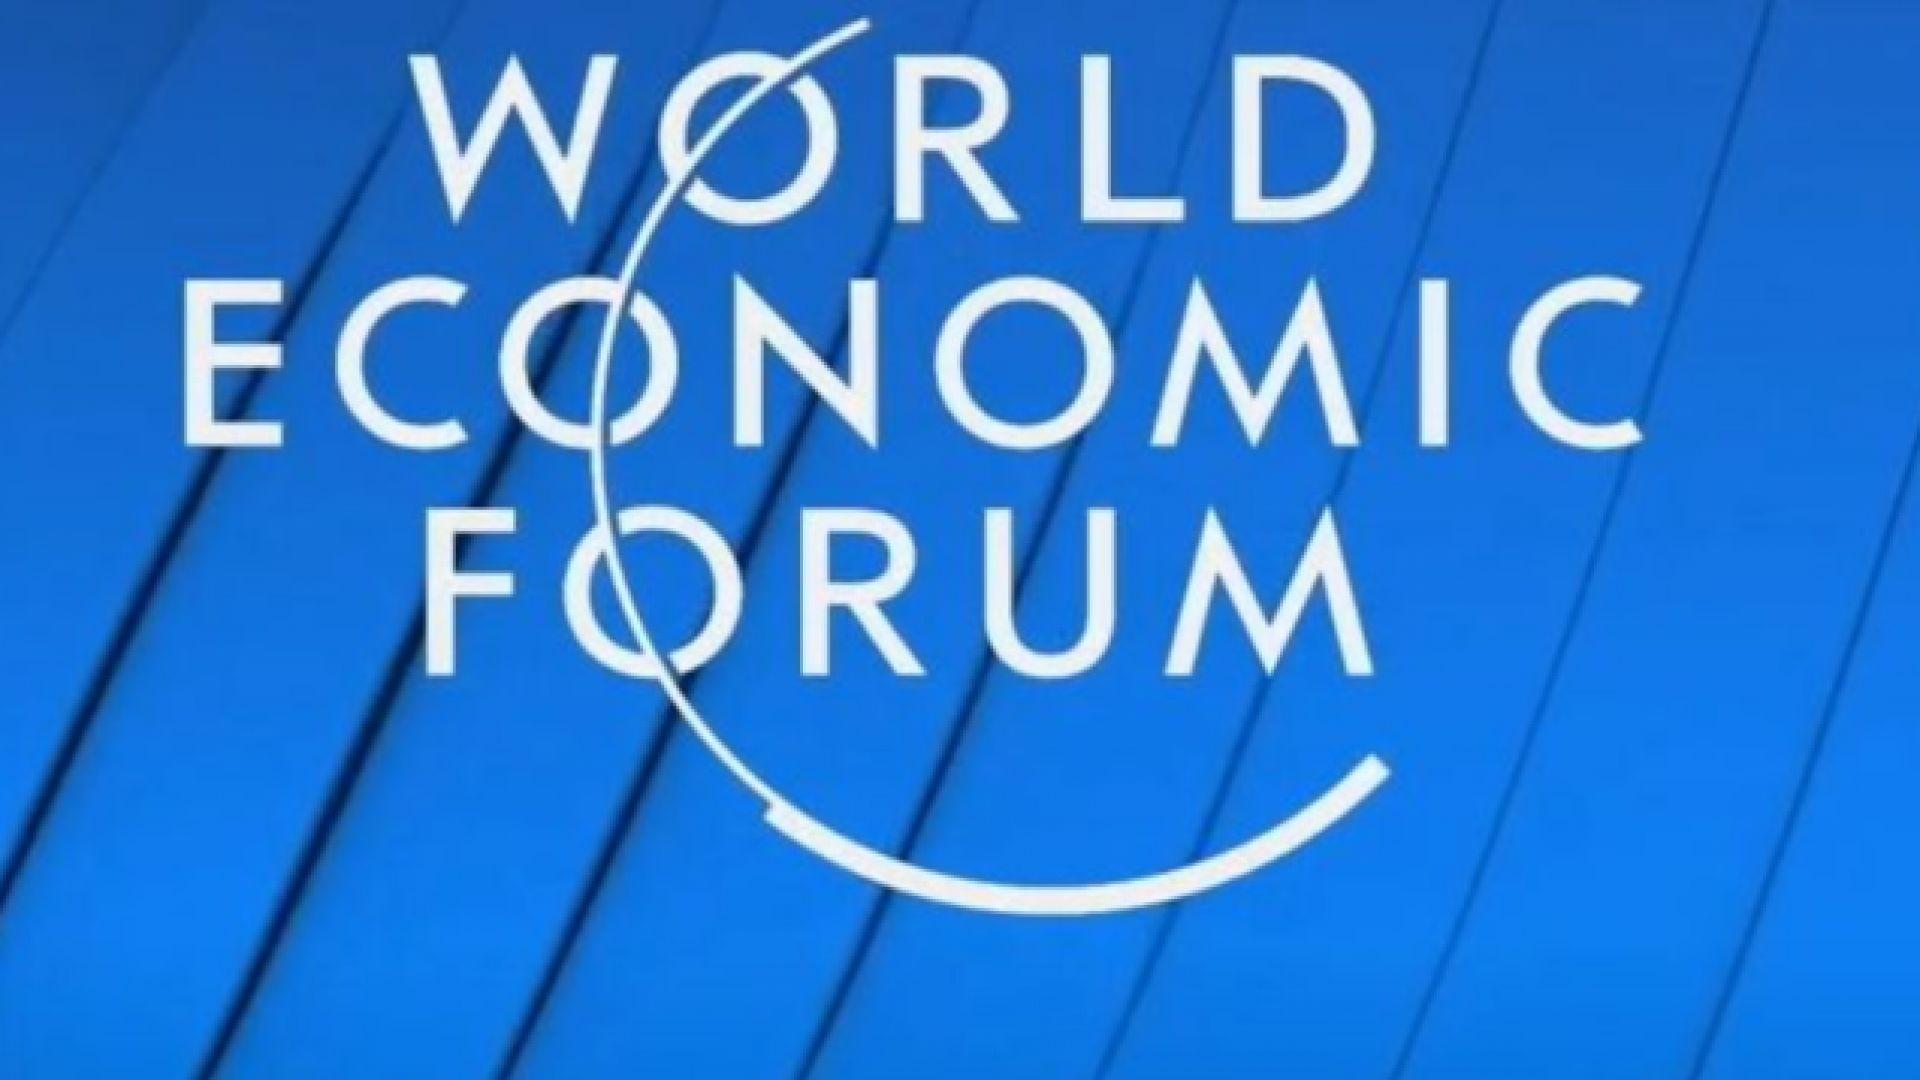 Пандемия и неравенства: Това ли е днес светът според световните лидери